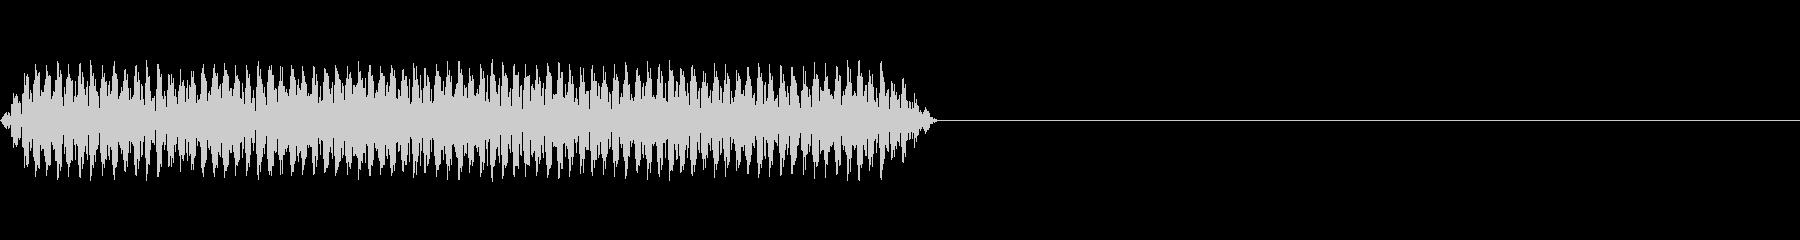 ドアブザー:クイックバズ;ヴィンテ...の未再生の波形